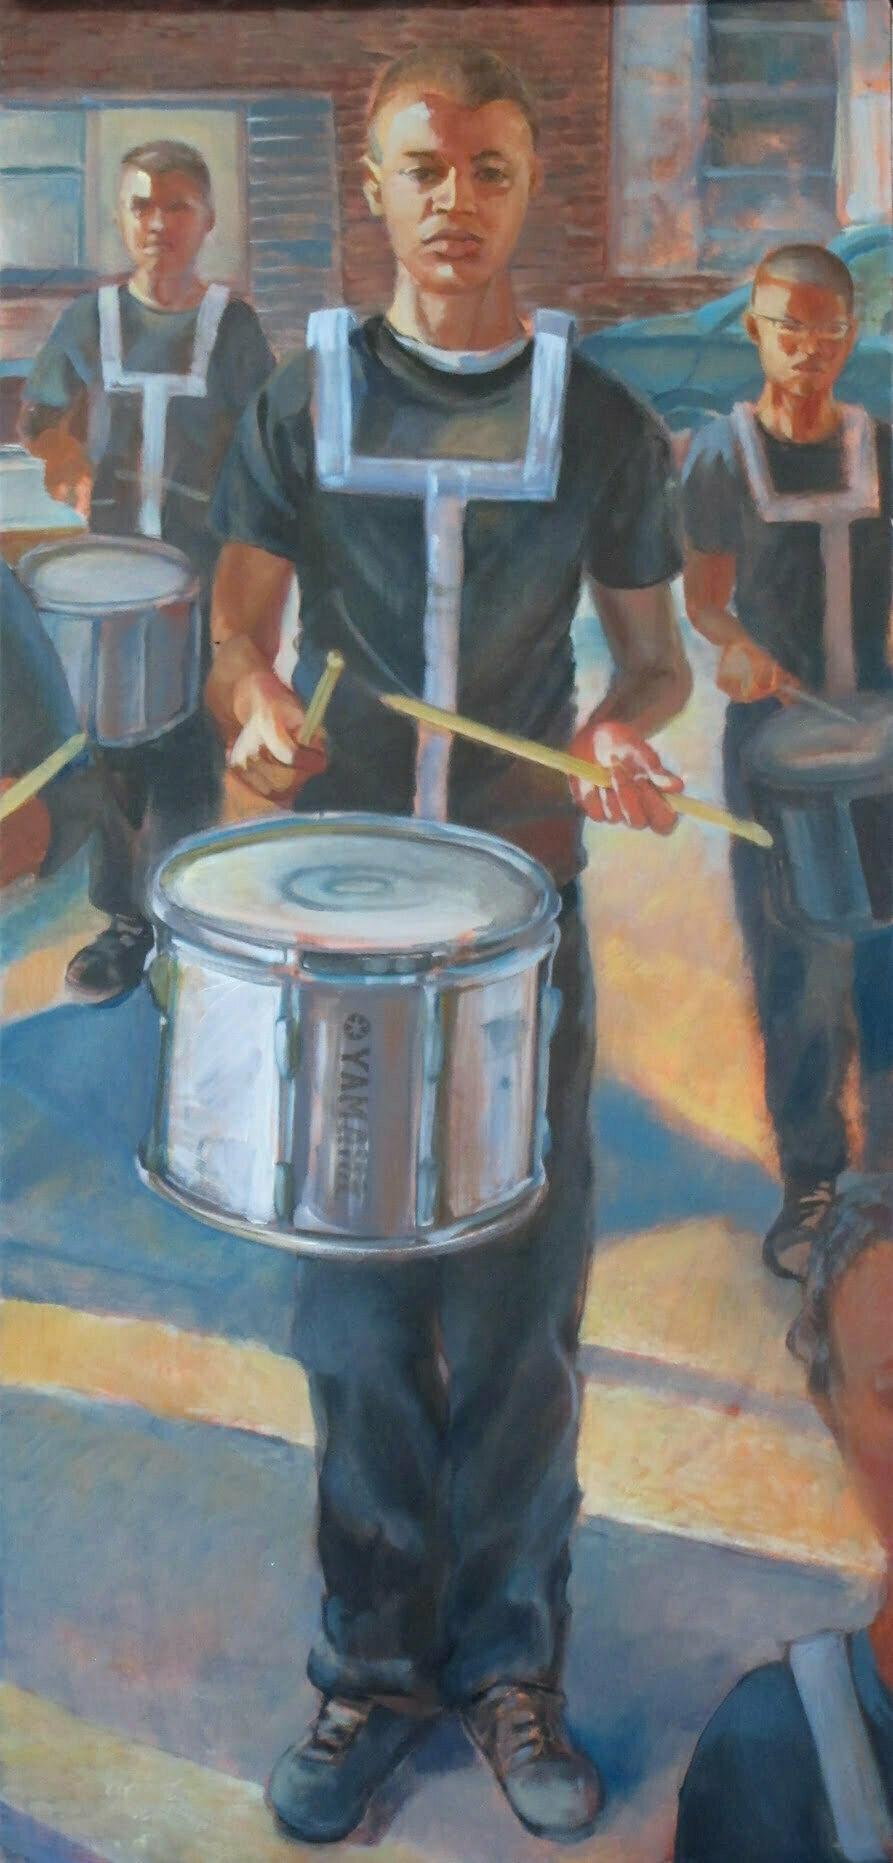 drummer900